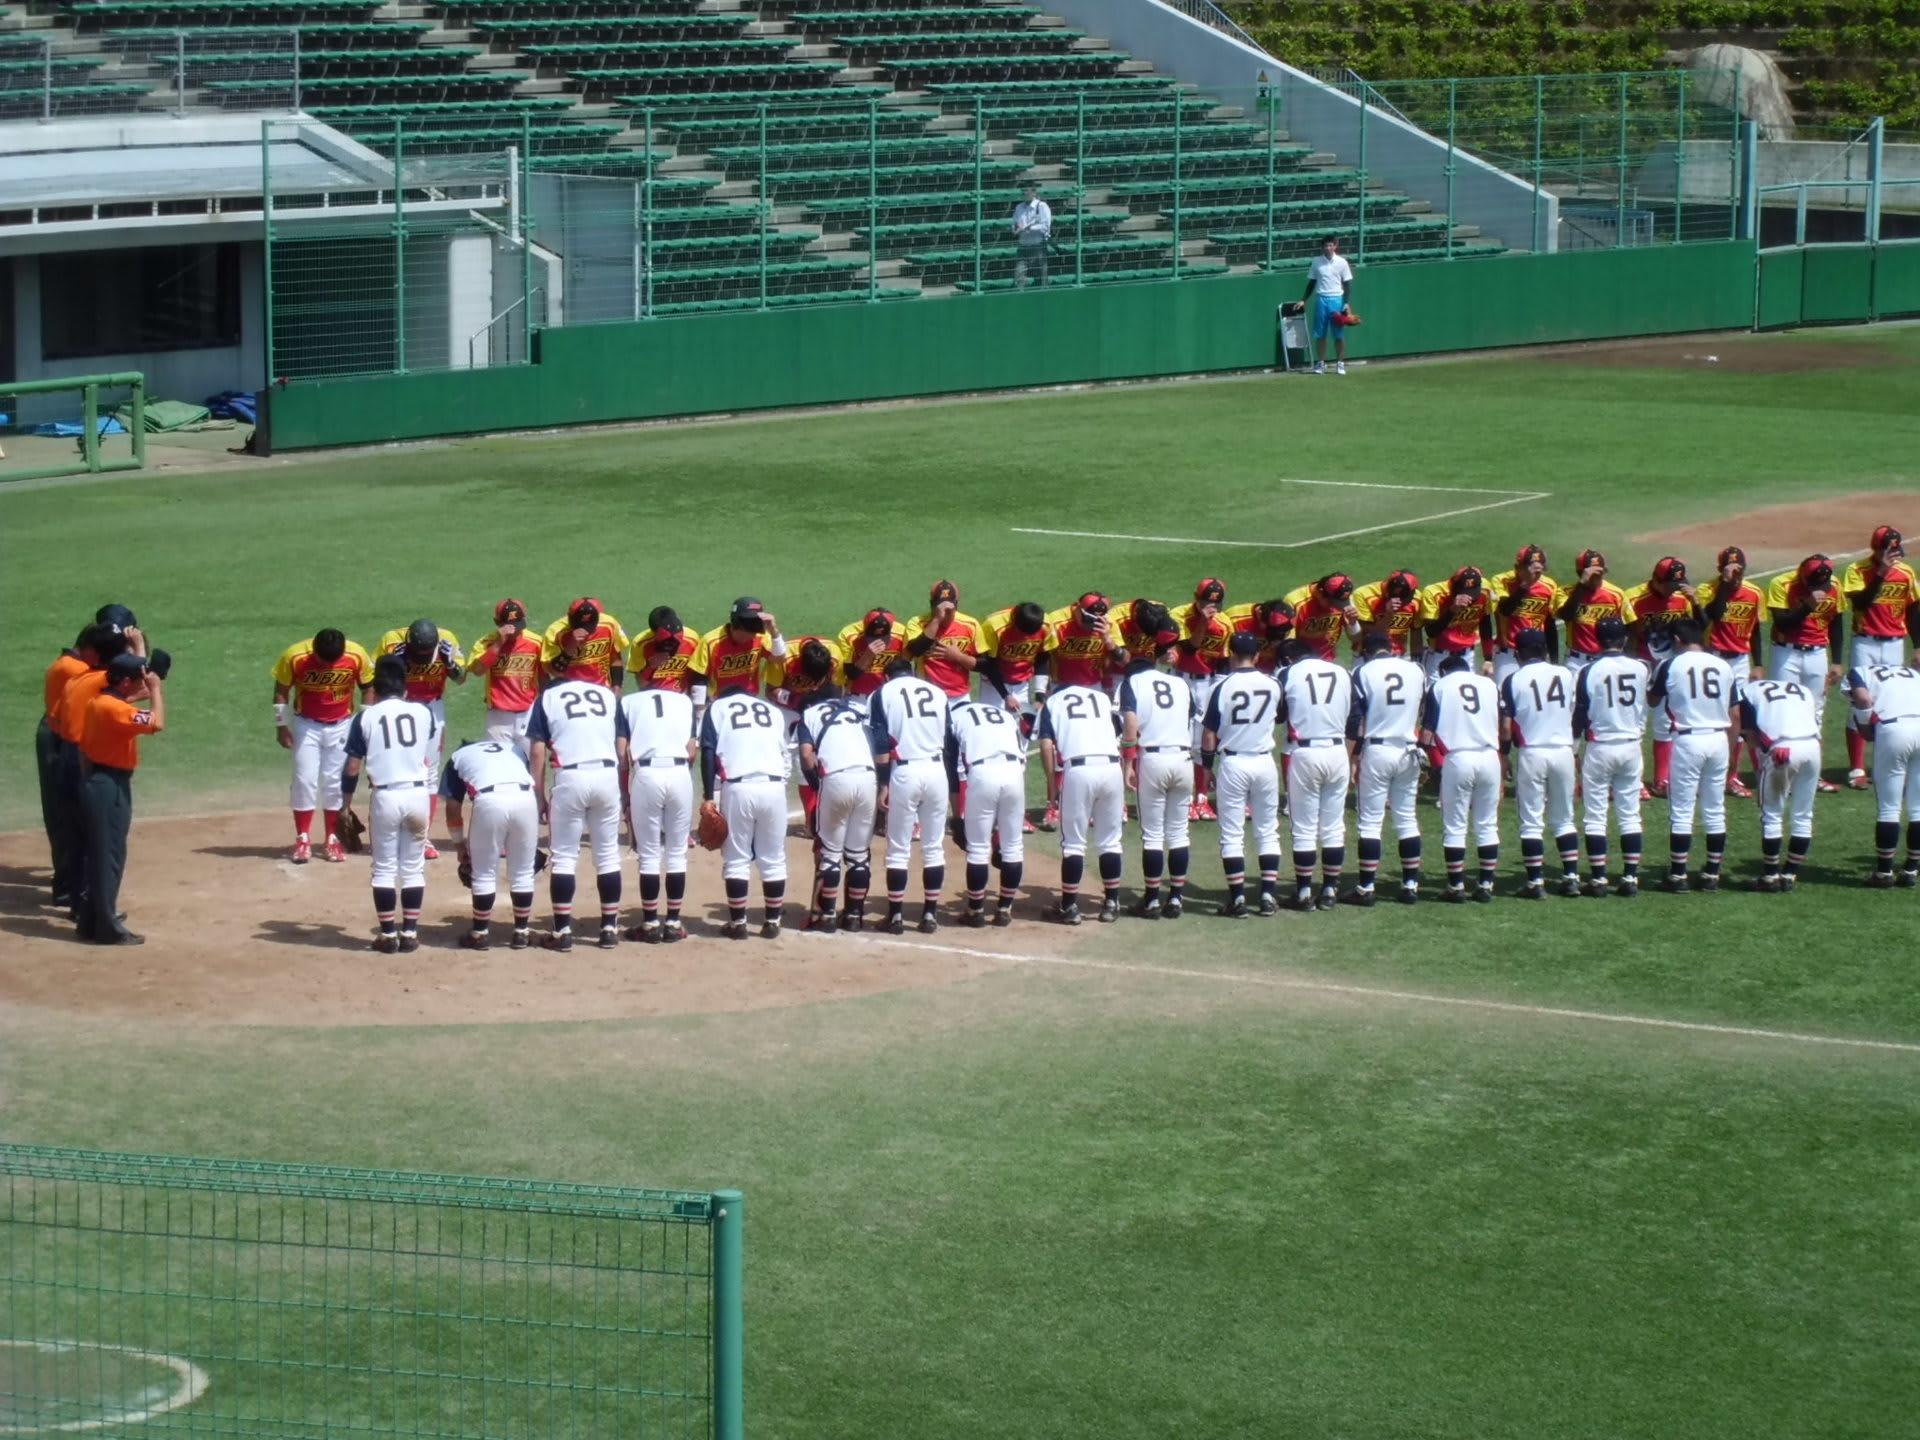 大学野球(大学・社会人野球)の新着ニュース|【西 …